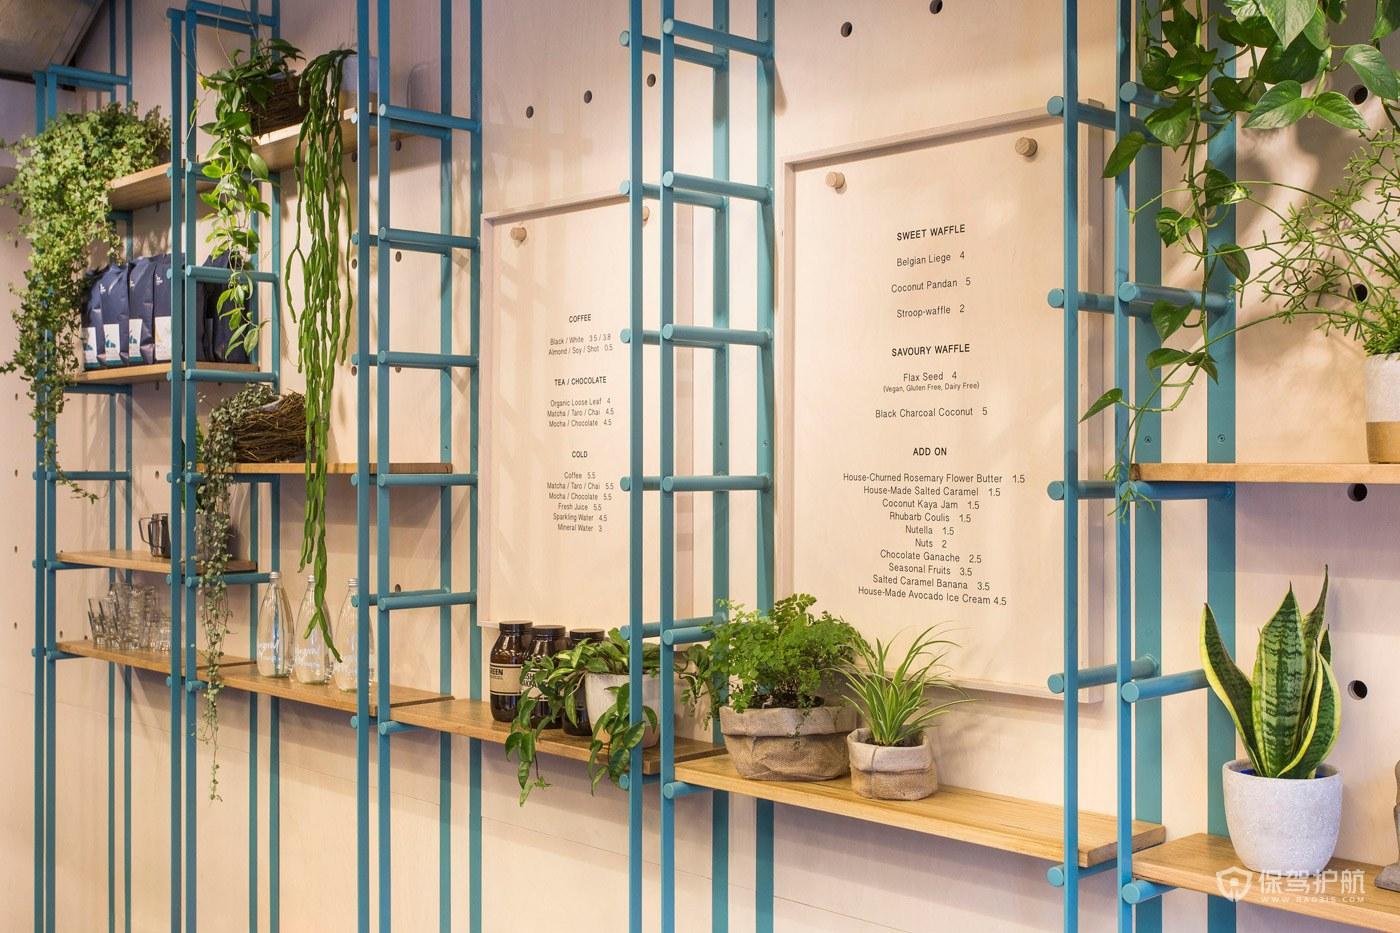 创意咖啡馆墙面装饰效果